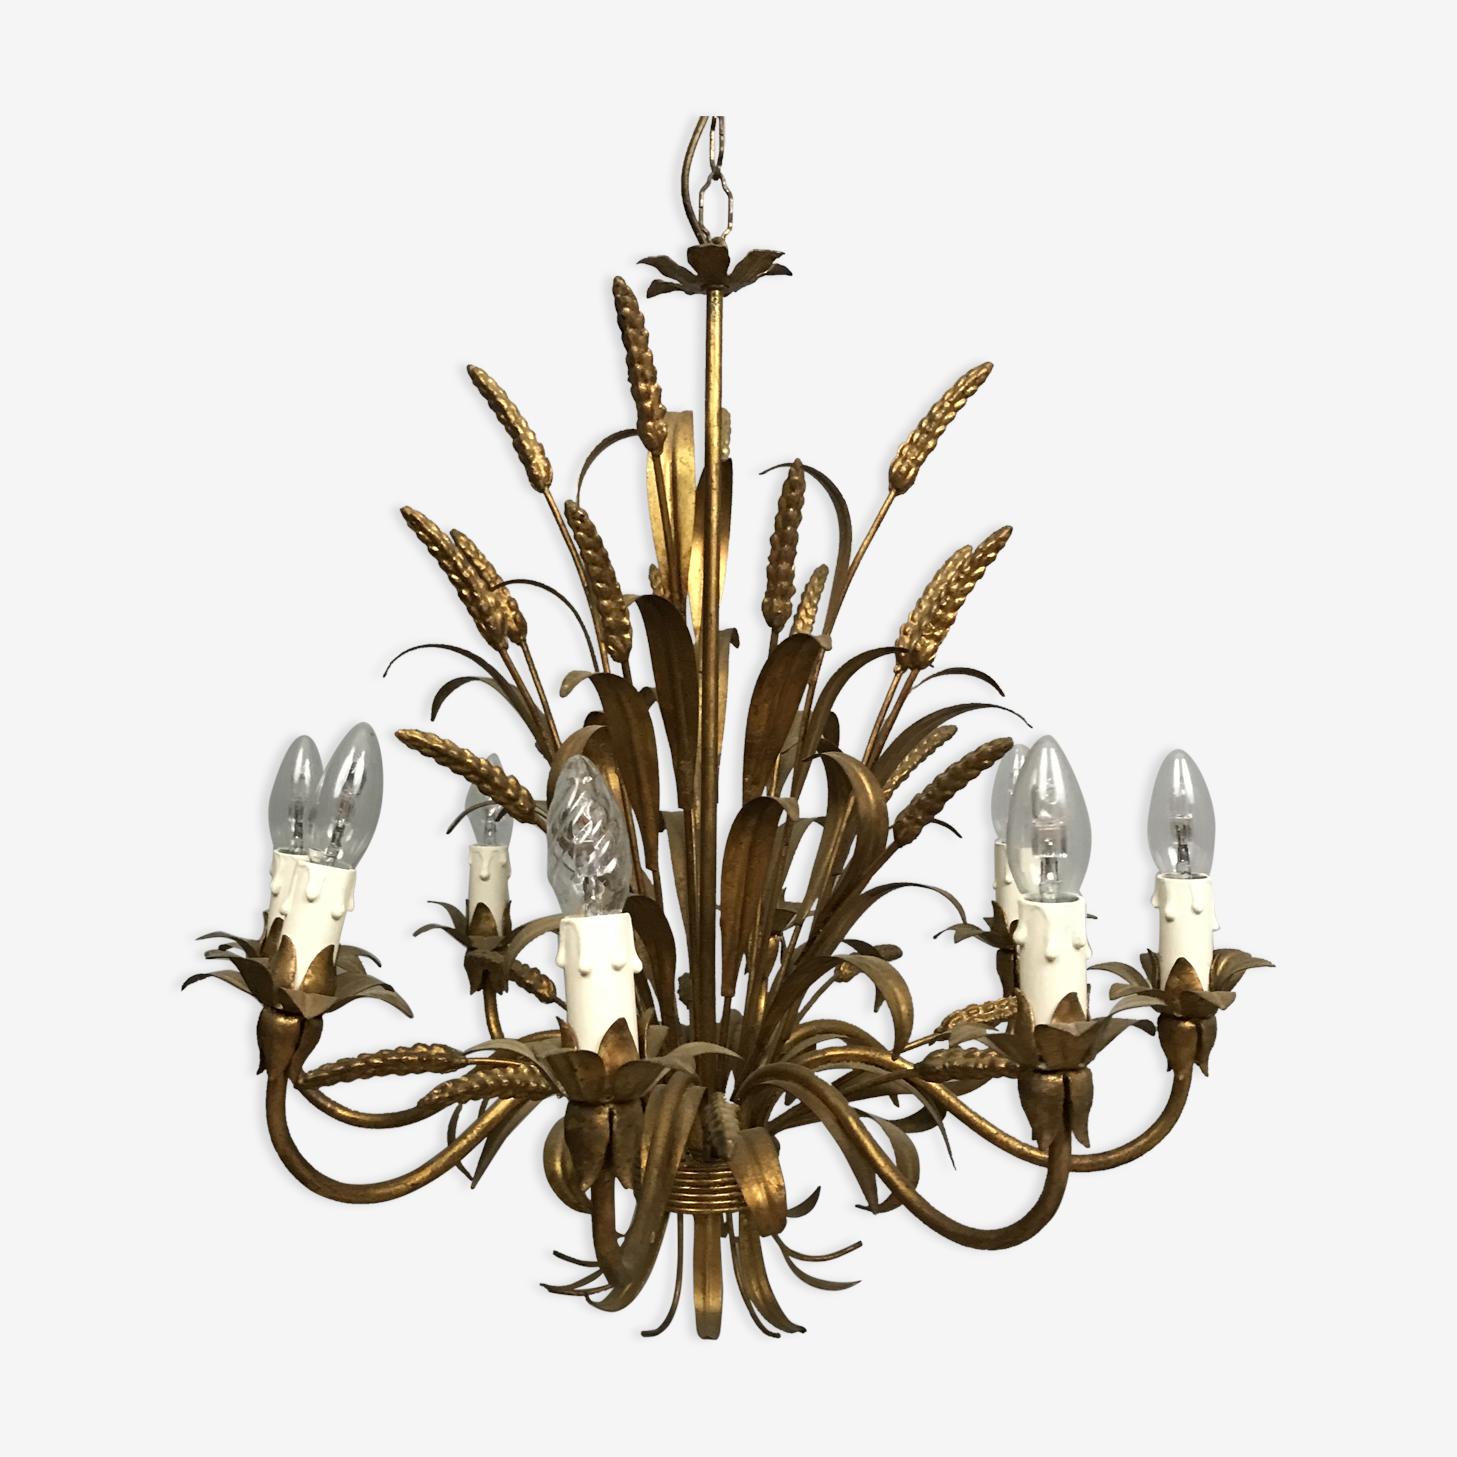 Lustre epis de ble 1960 8 branches en métal doré